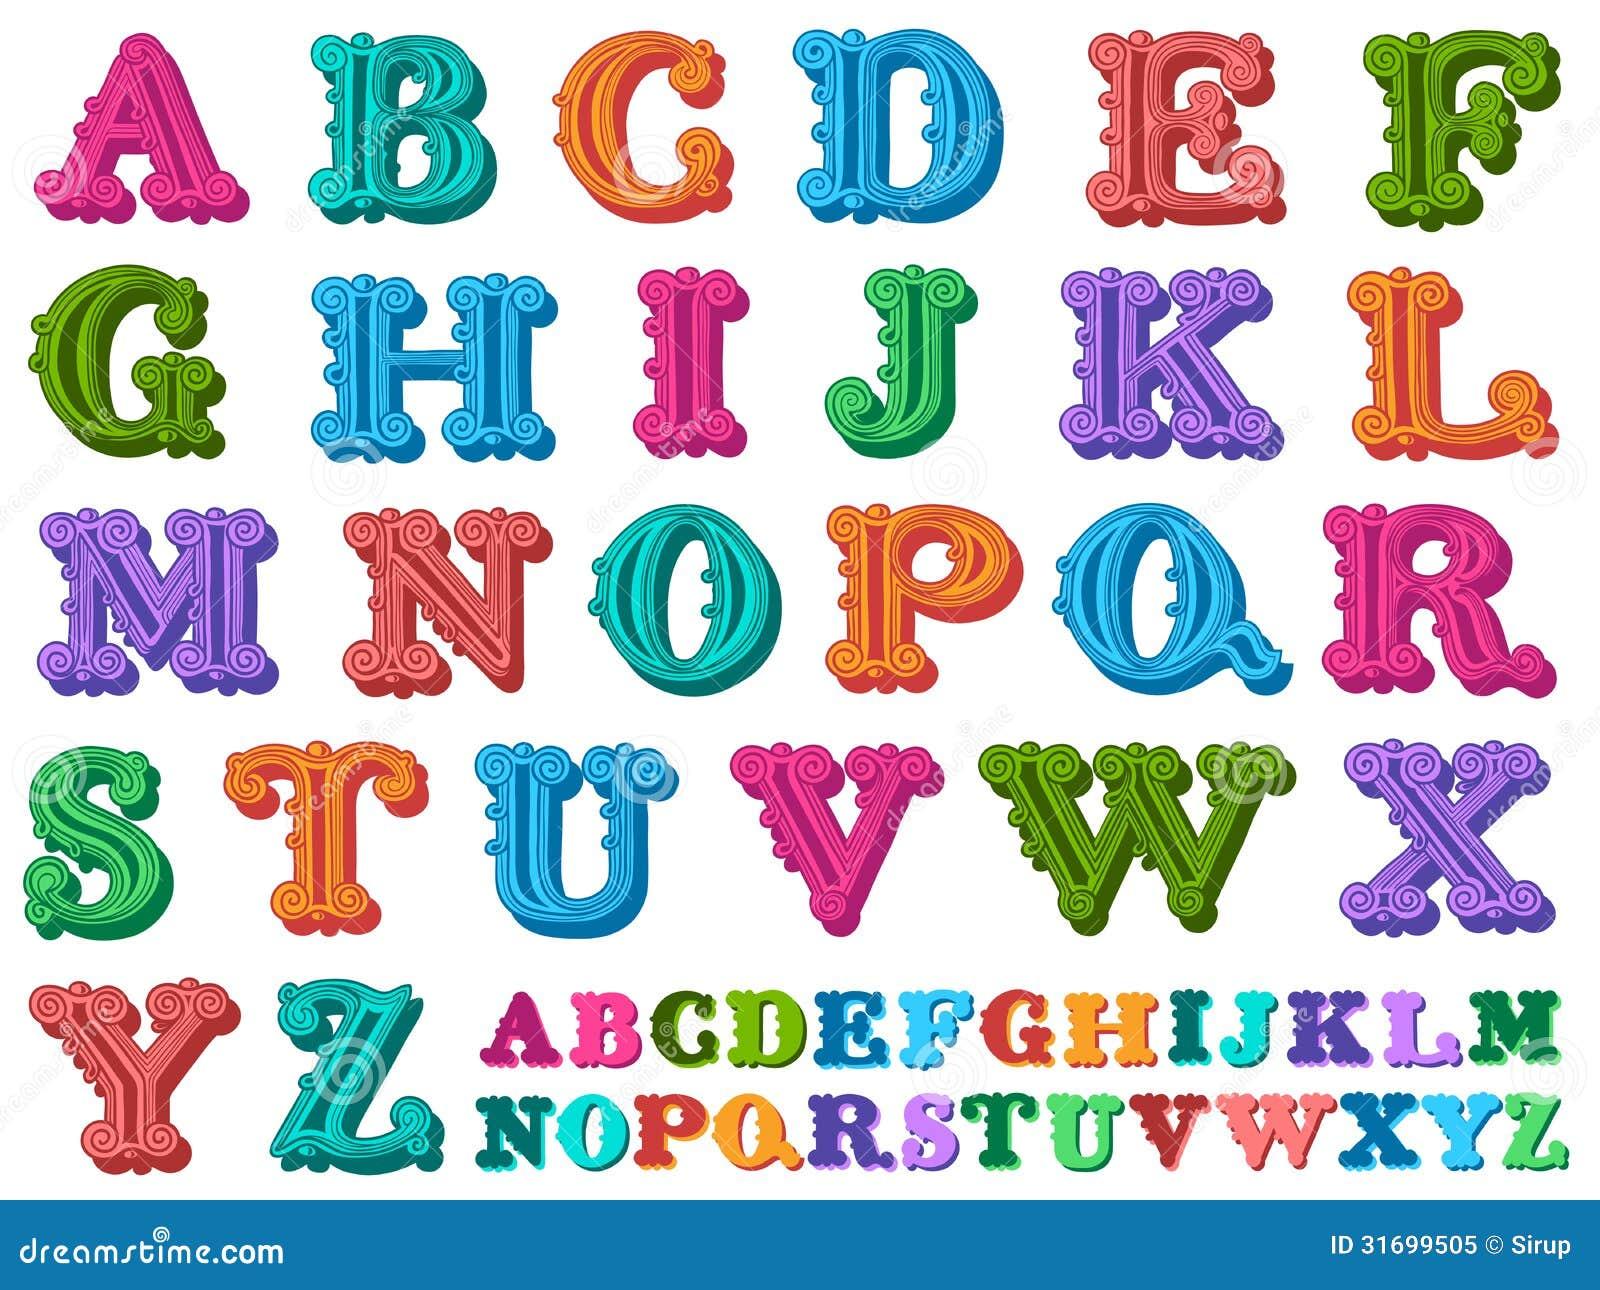 Vector illustration of a complete antiqua alphabet royalty - Letras decorativas infantiles ...